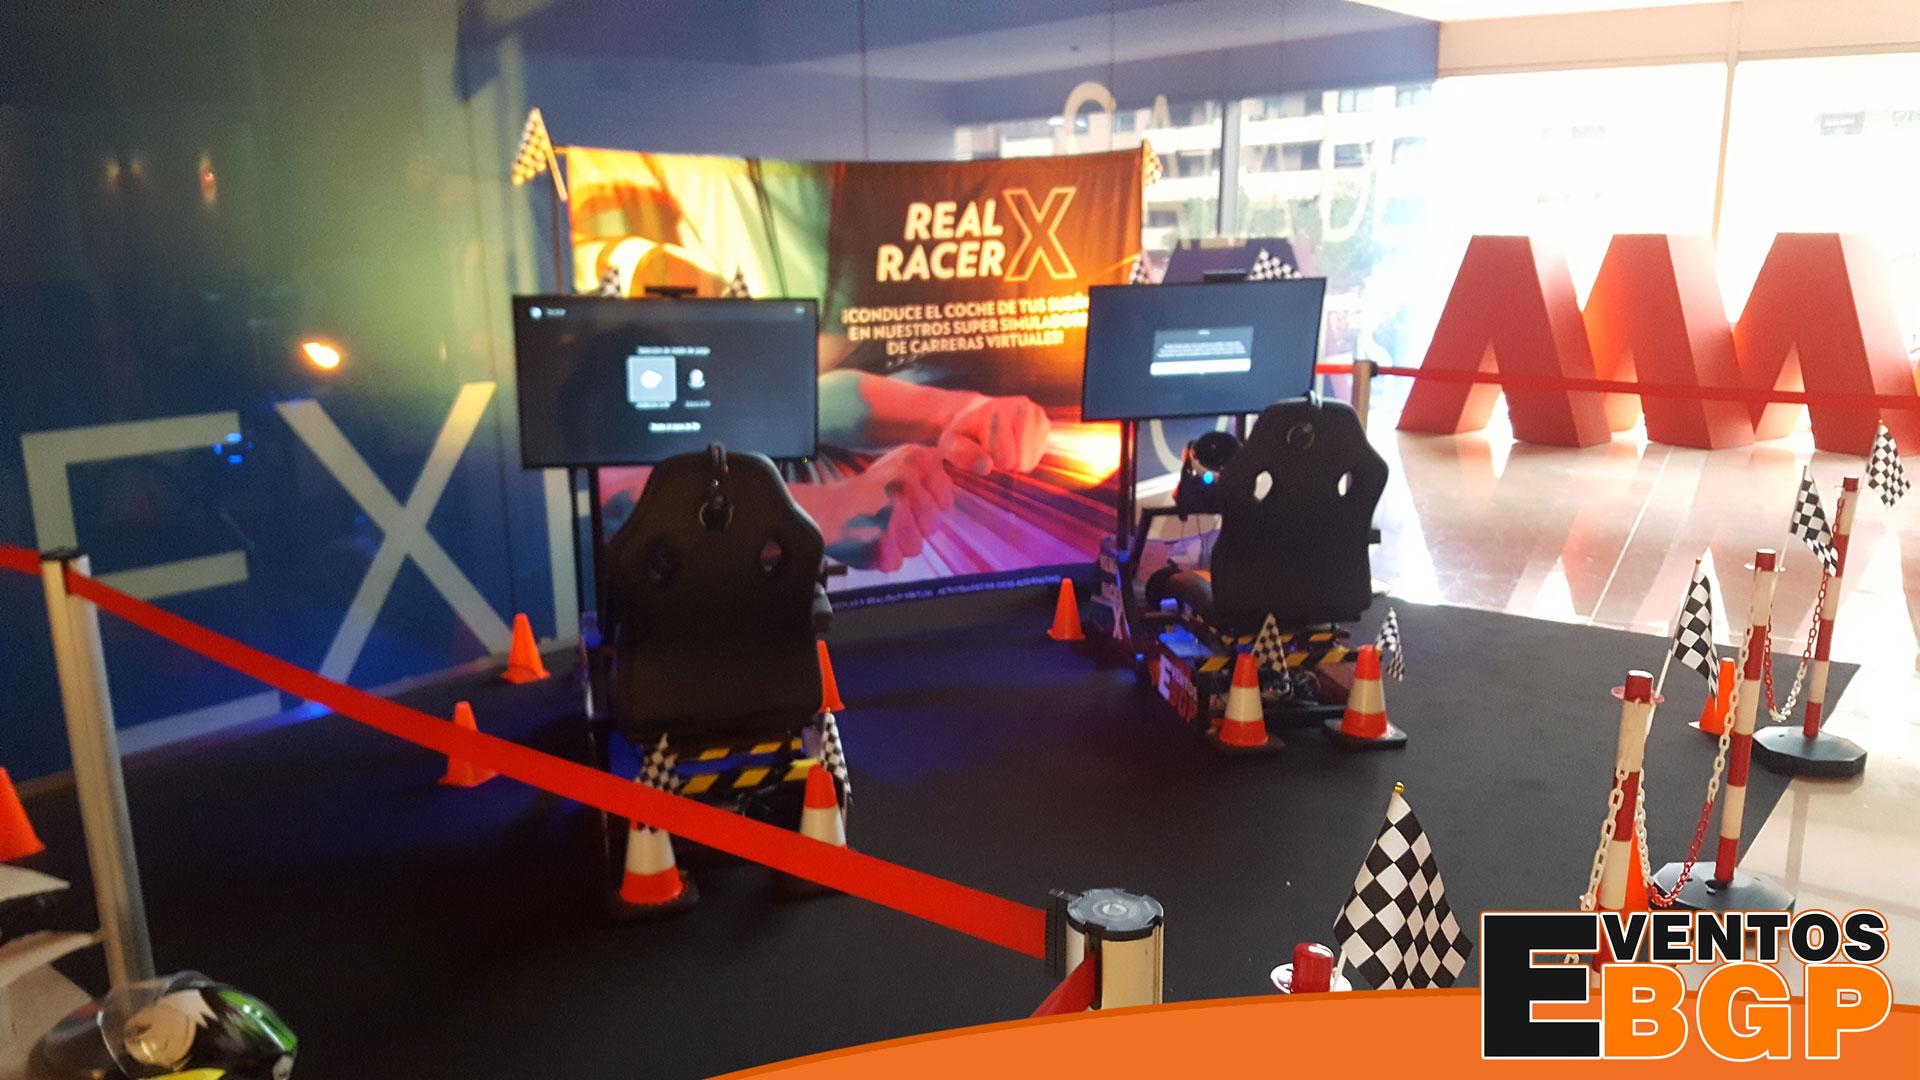 Centro Comercial Aragonia actividades con videojuegos y simuladores Eventos BGP.